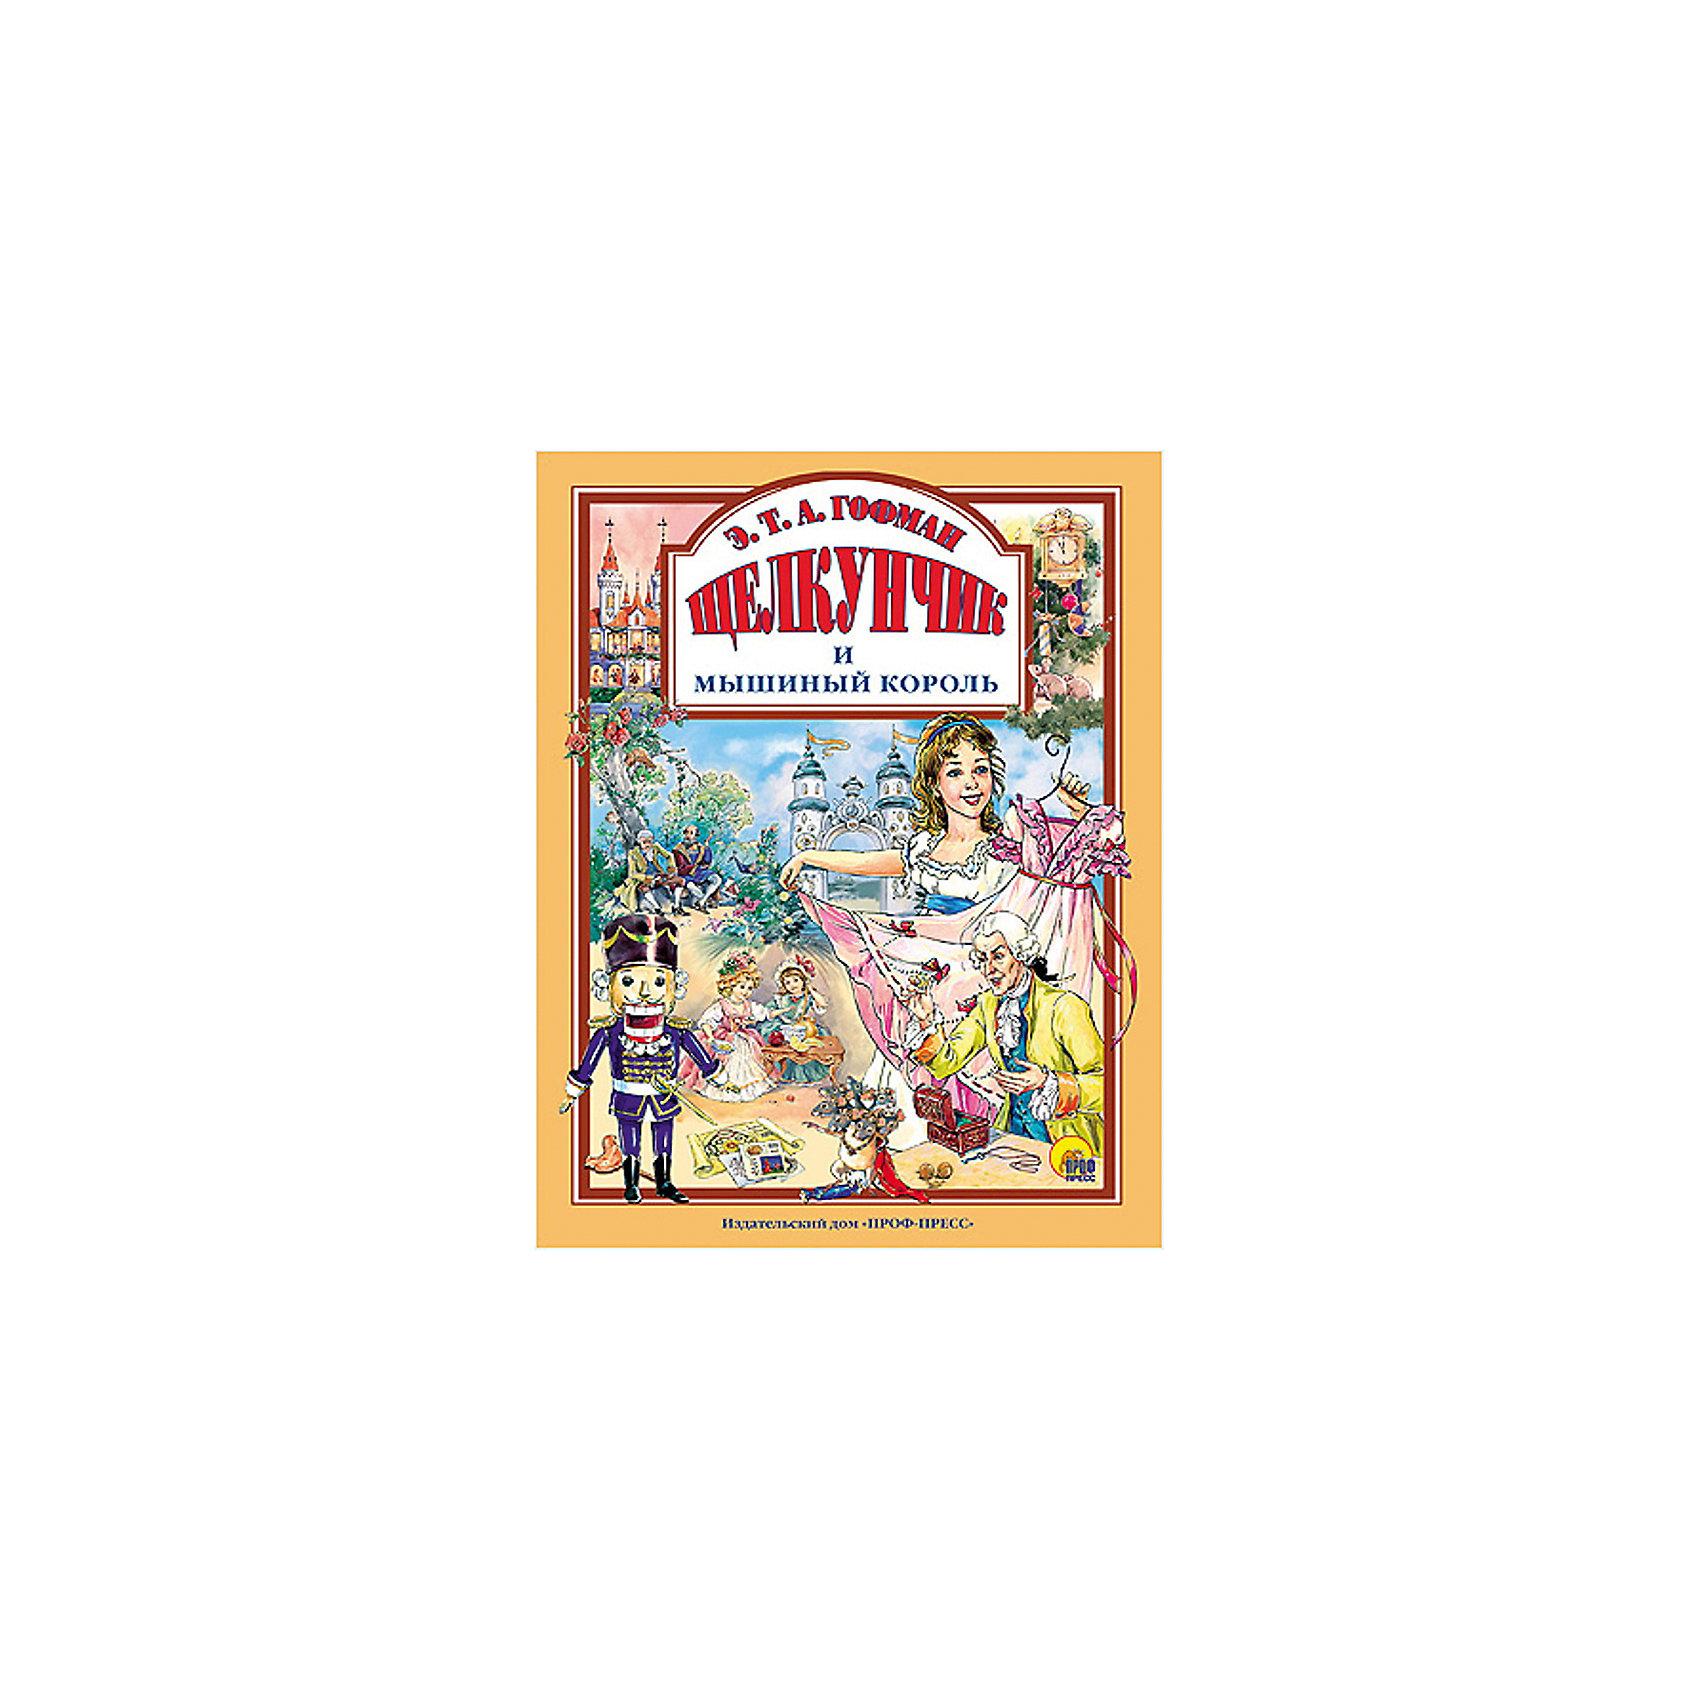 Щелкунчик и мышиный король, Э.Т.А. ГофманЗарубежные сказки<br>Книги - это лучший подарок не только взрослым, они помогают детям познавать мир и учиться читать, также книги позволяют ребенку весело проводить время. Они также стимулируют развитие воображения, логики и творческого мышления. Данная серия собрала стихи, рассказы и сказки, проверенные многими поколениями, которые понравятся и современным детям. <br>Это издание очень красиво оформлено, а волшебная сказка о Щелкунчике не перестаёт впечатлять детей. Яркие картинки обязательно понравятся малышам! Книга сделана из качественных и безопасных для детей материалов.<br>  <br>Дополнительная информация:<br><br>размер: 200х265 мм;<br>вес: 441 г.<br><br>Книгу Щелкунчик и мышиный король, Э.Т.А. Гофман в от издательства Проф-Пресс можно купить в нашем магазине.<br><br>Ширина мм: 200<br>Глубина мм: 13<br>Высота мм: 265<br>Вес г: 441<br>Возраст от месяцев: 0<br>Возраст до месяцев: 60<br>Пол: Унисекс<br>Возраст: Детский<br>SKU: 4787338